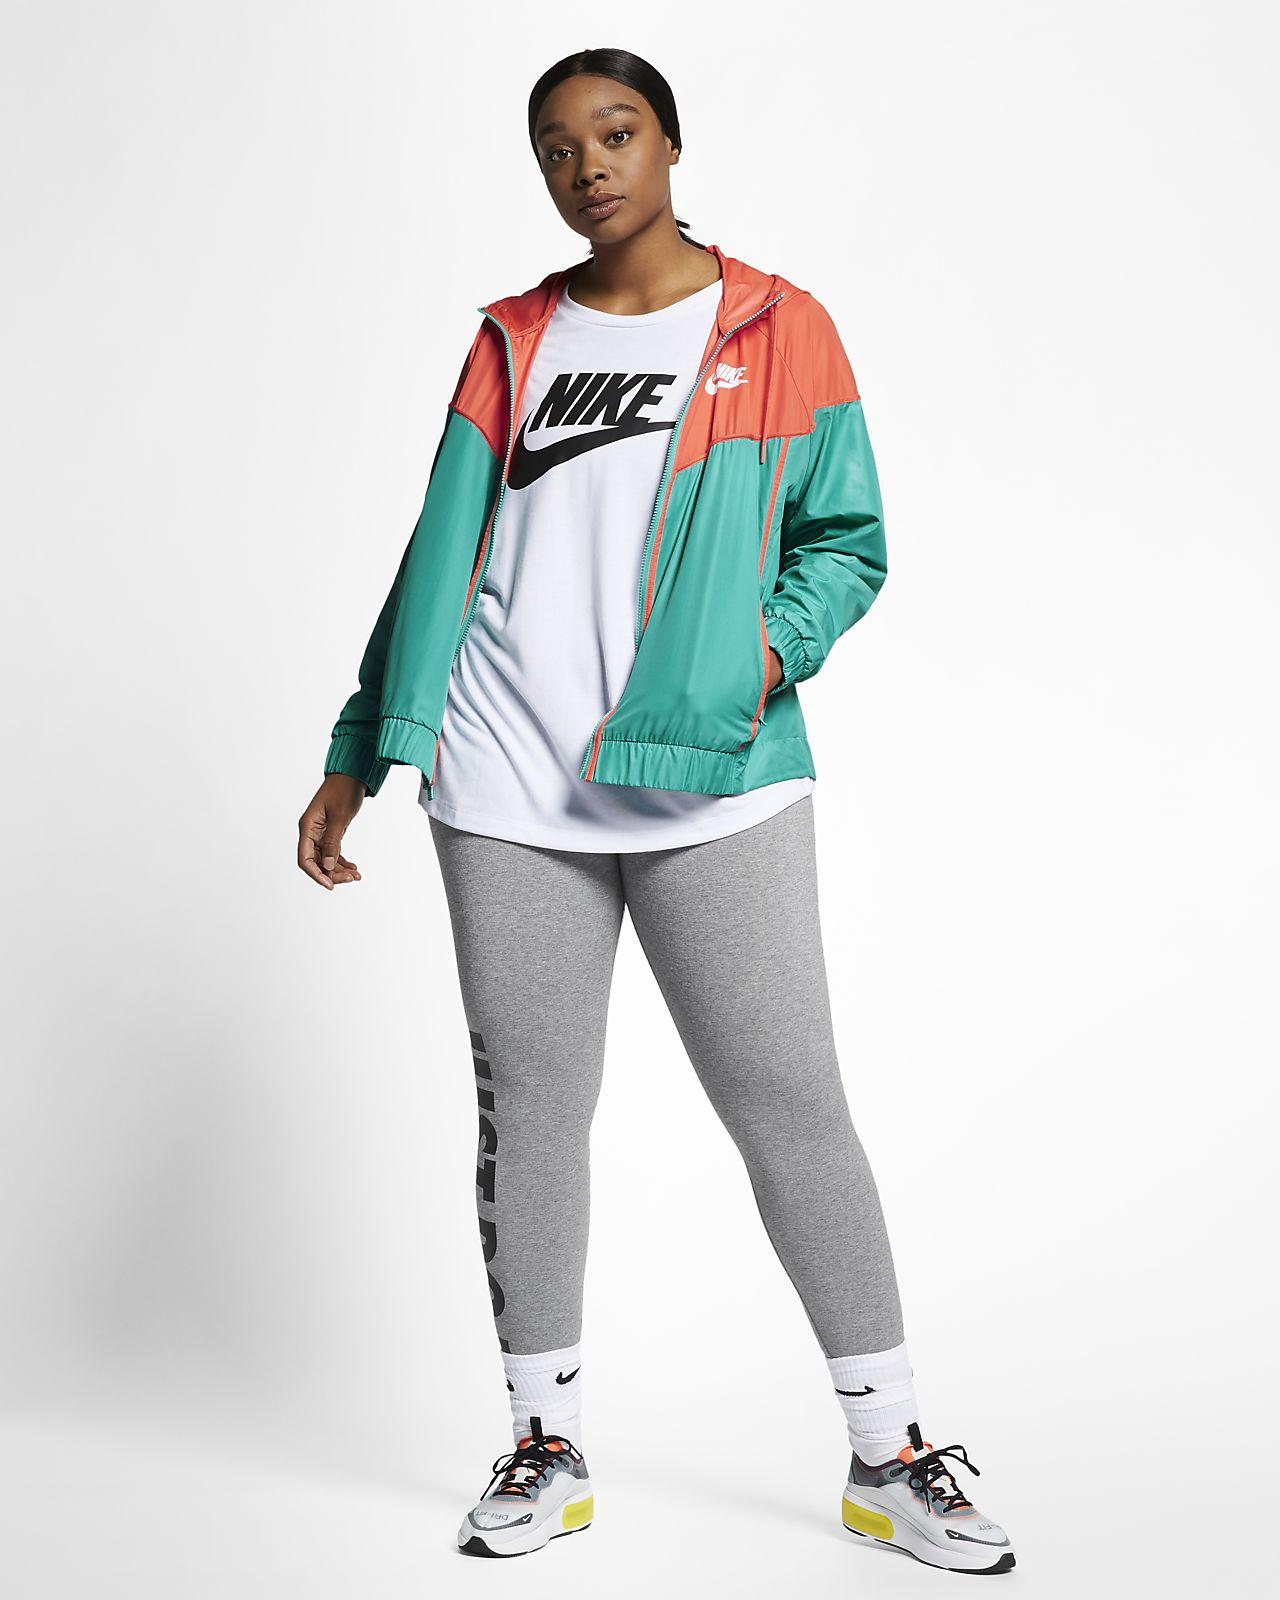 Windrunnerplus Nike Sportswear Sportswear Nike SizeWomen's Windrunnerplus Sportswear JacketCa Nike SizeWomen's Windrunnerplus JacketCa T3lKF1Jc